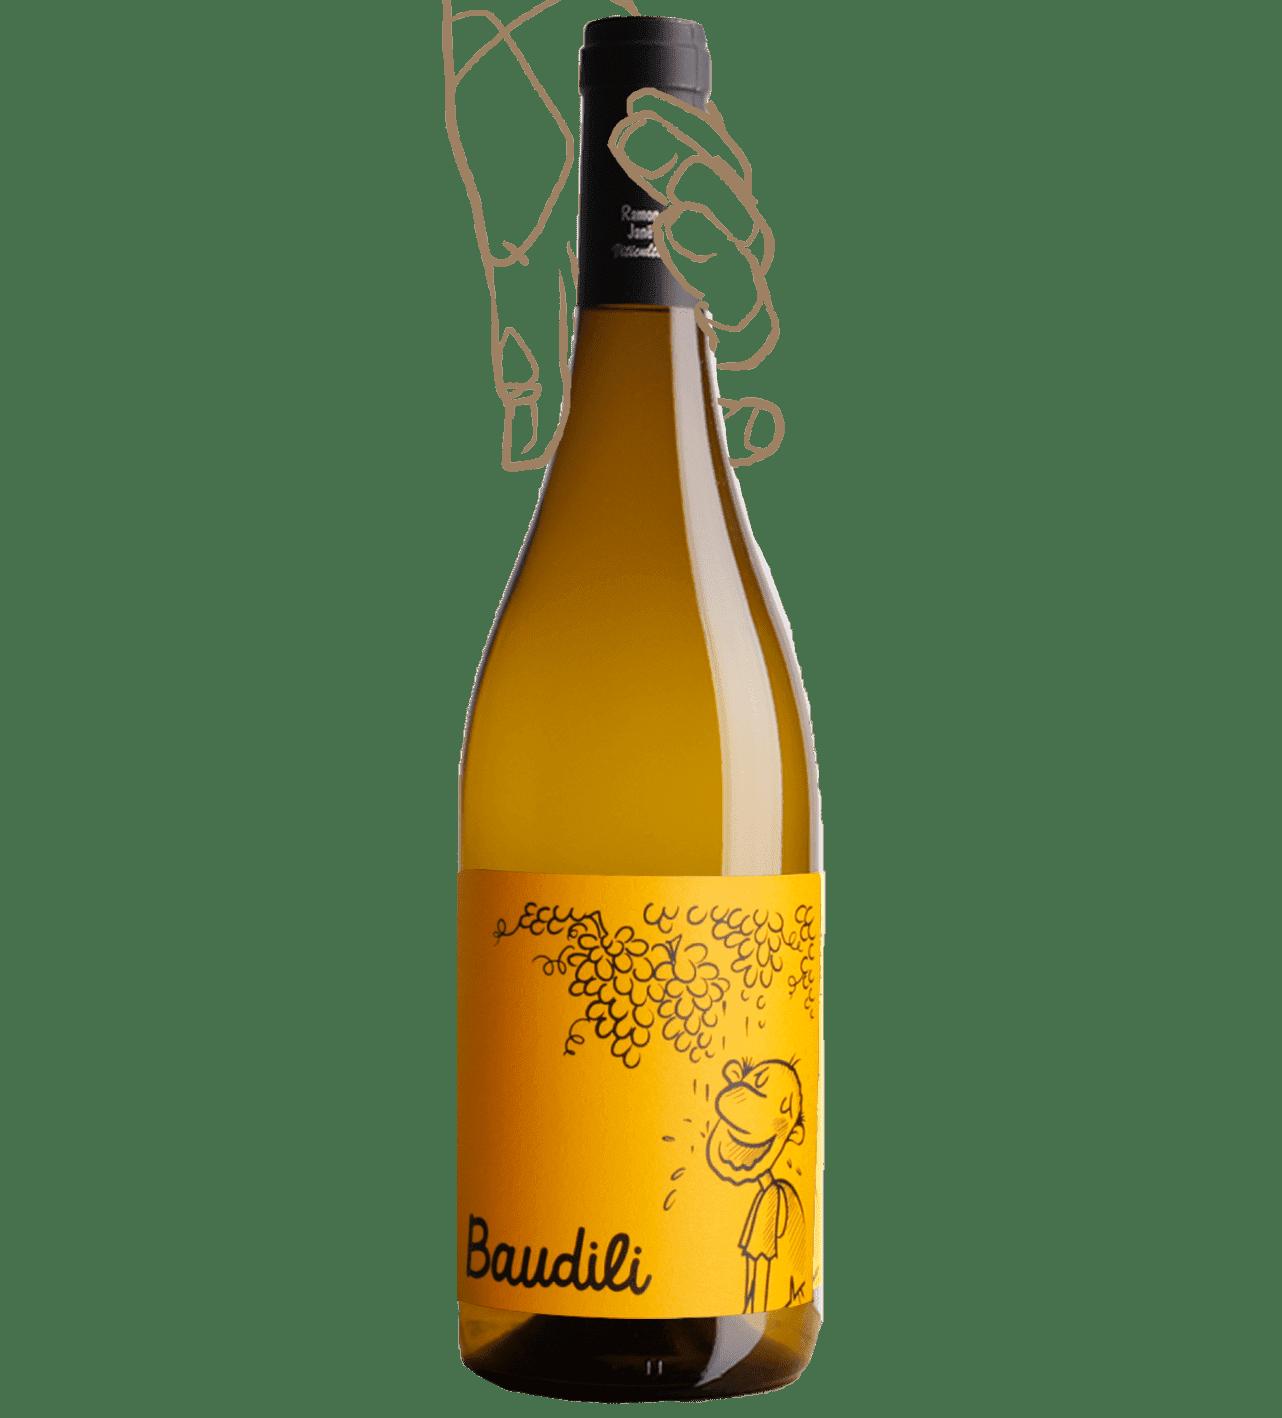 Baudili blanc est vin nature du Mas Candi